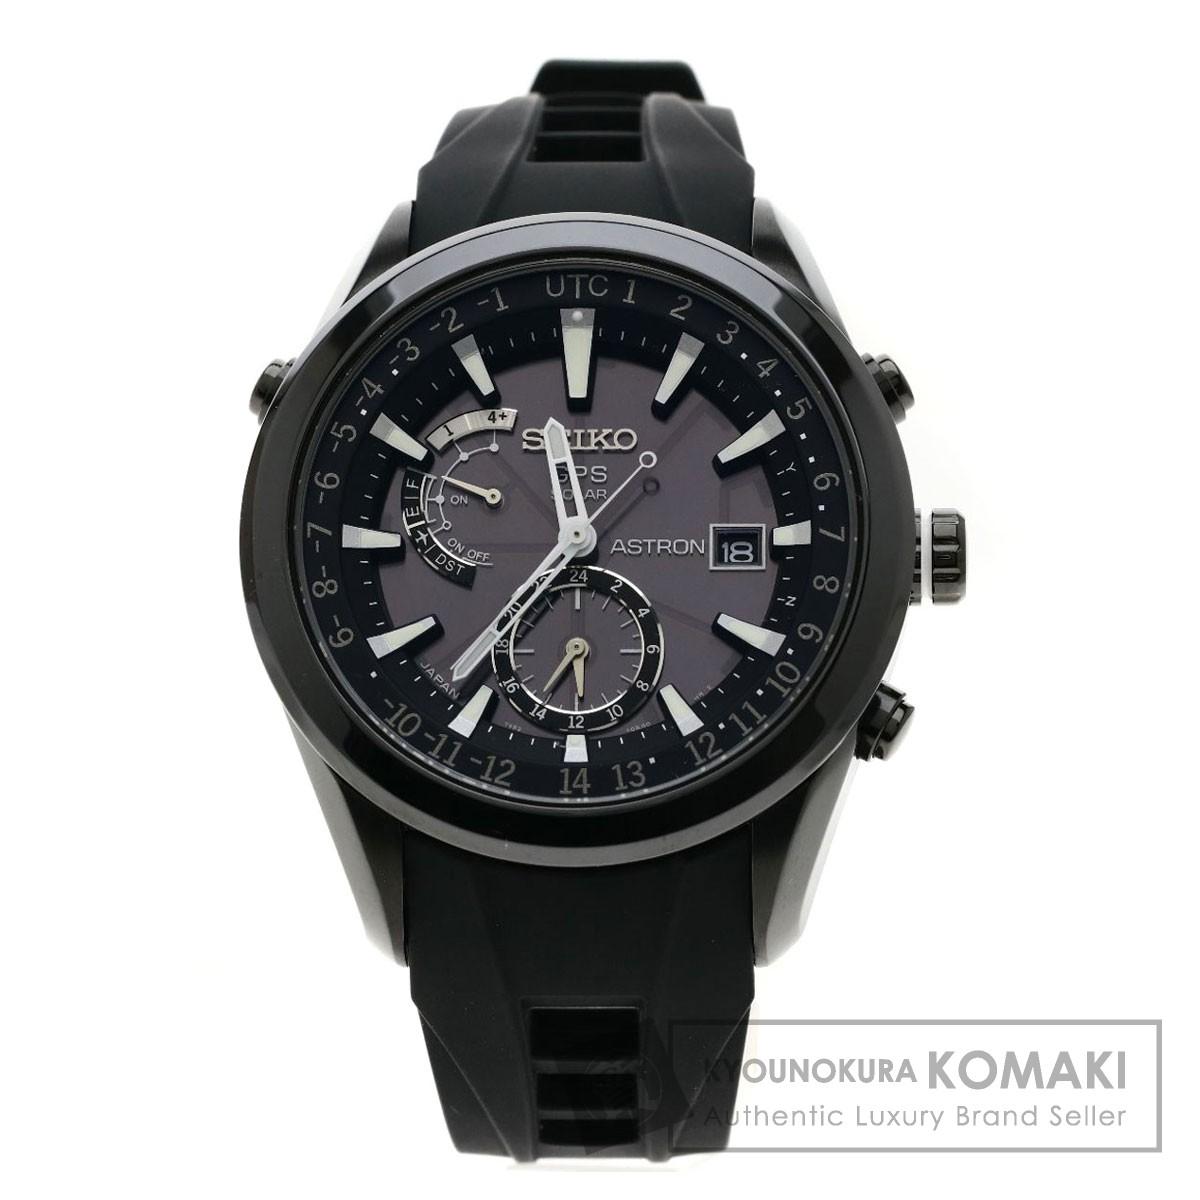 SEIKO SBXA011 アストロン GPS 腕時計 OH済 ステンレススチール/ラバー メンズ 【中古】【セイコー】